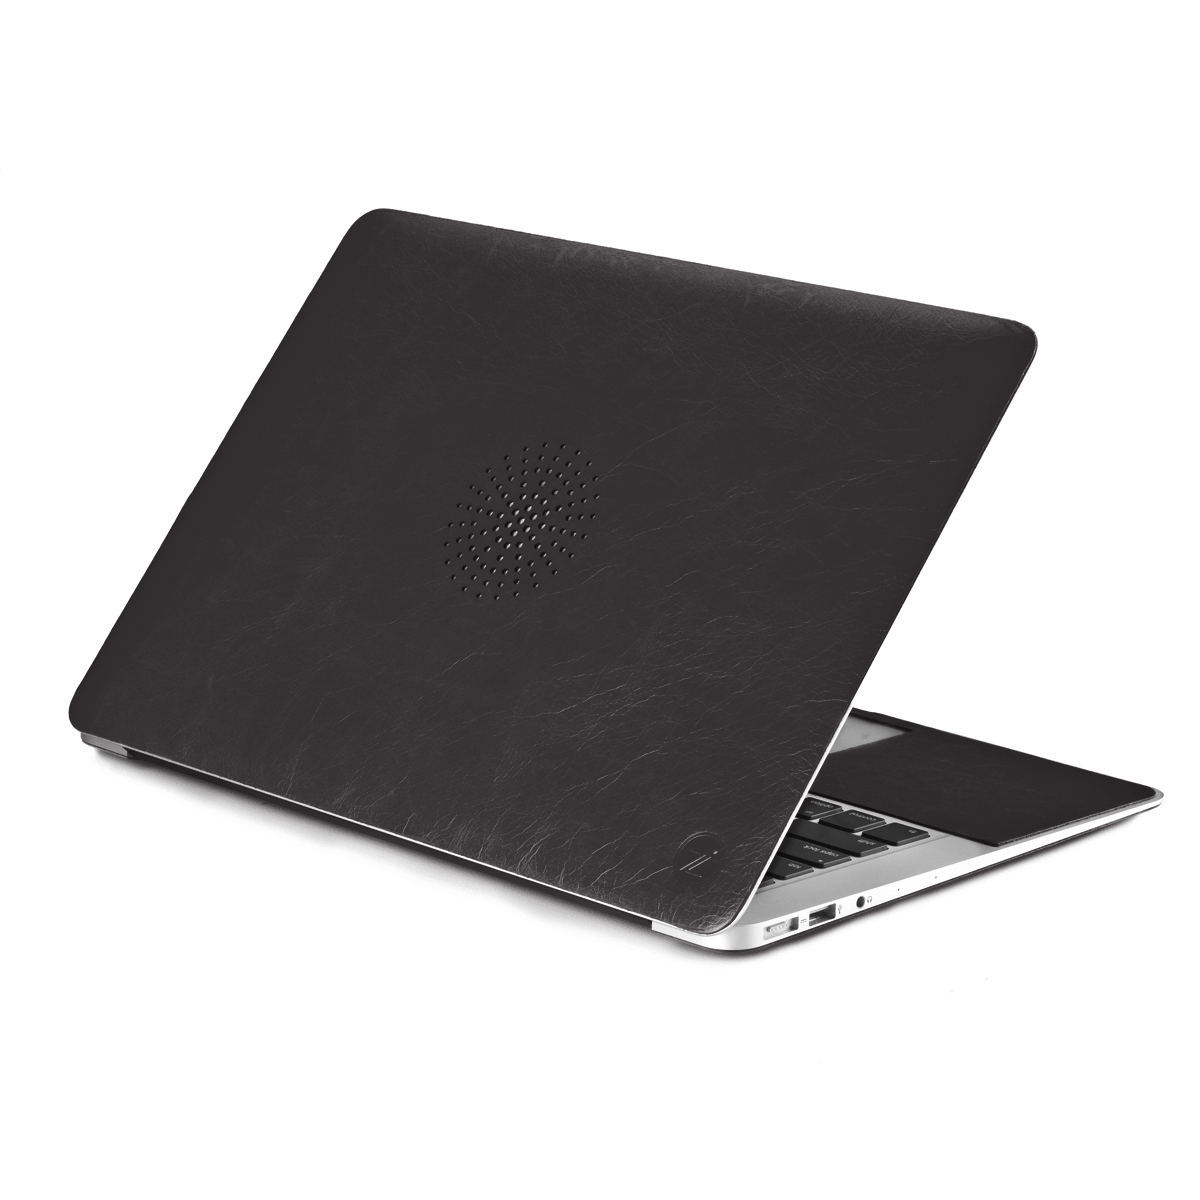 """Чехол-наклейка Сozistyle Leather Skin Black для MacBook 11"""" Air (черная)"""